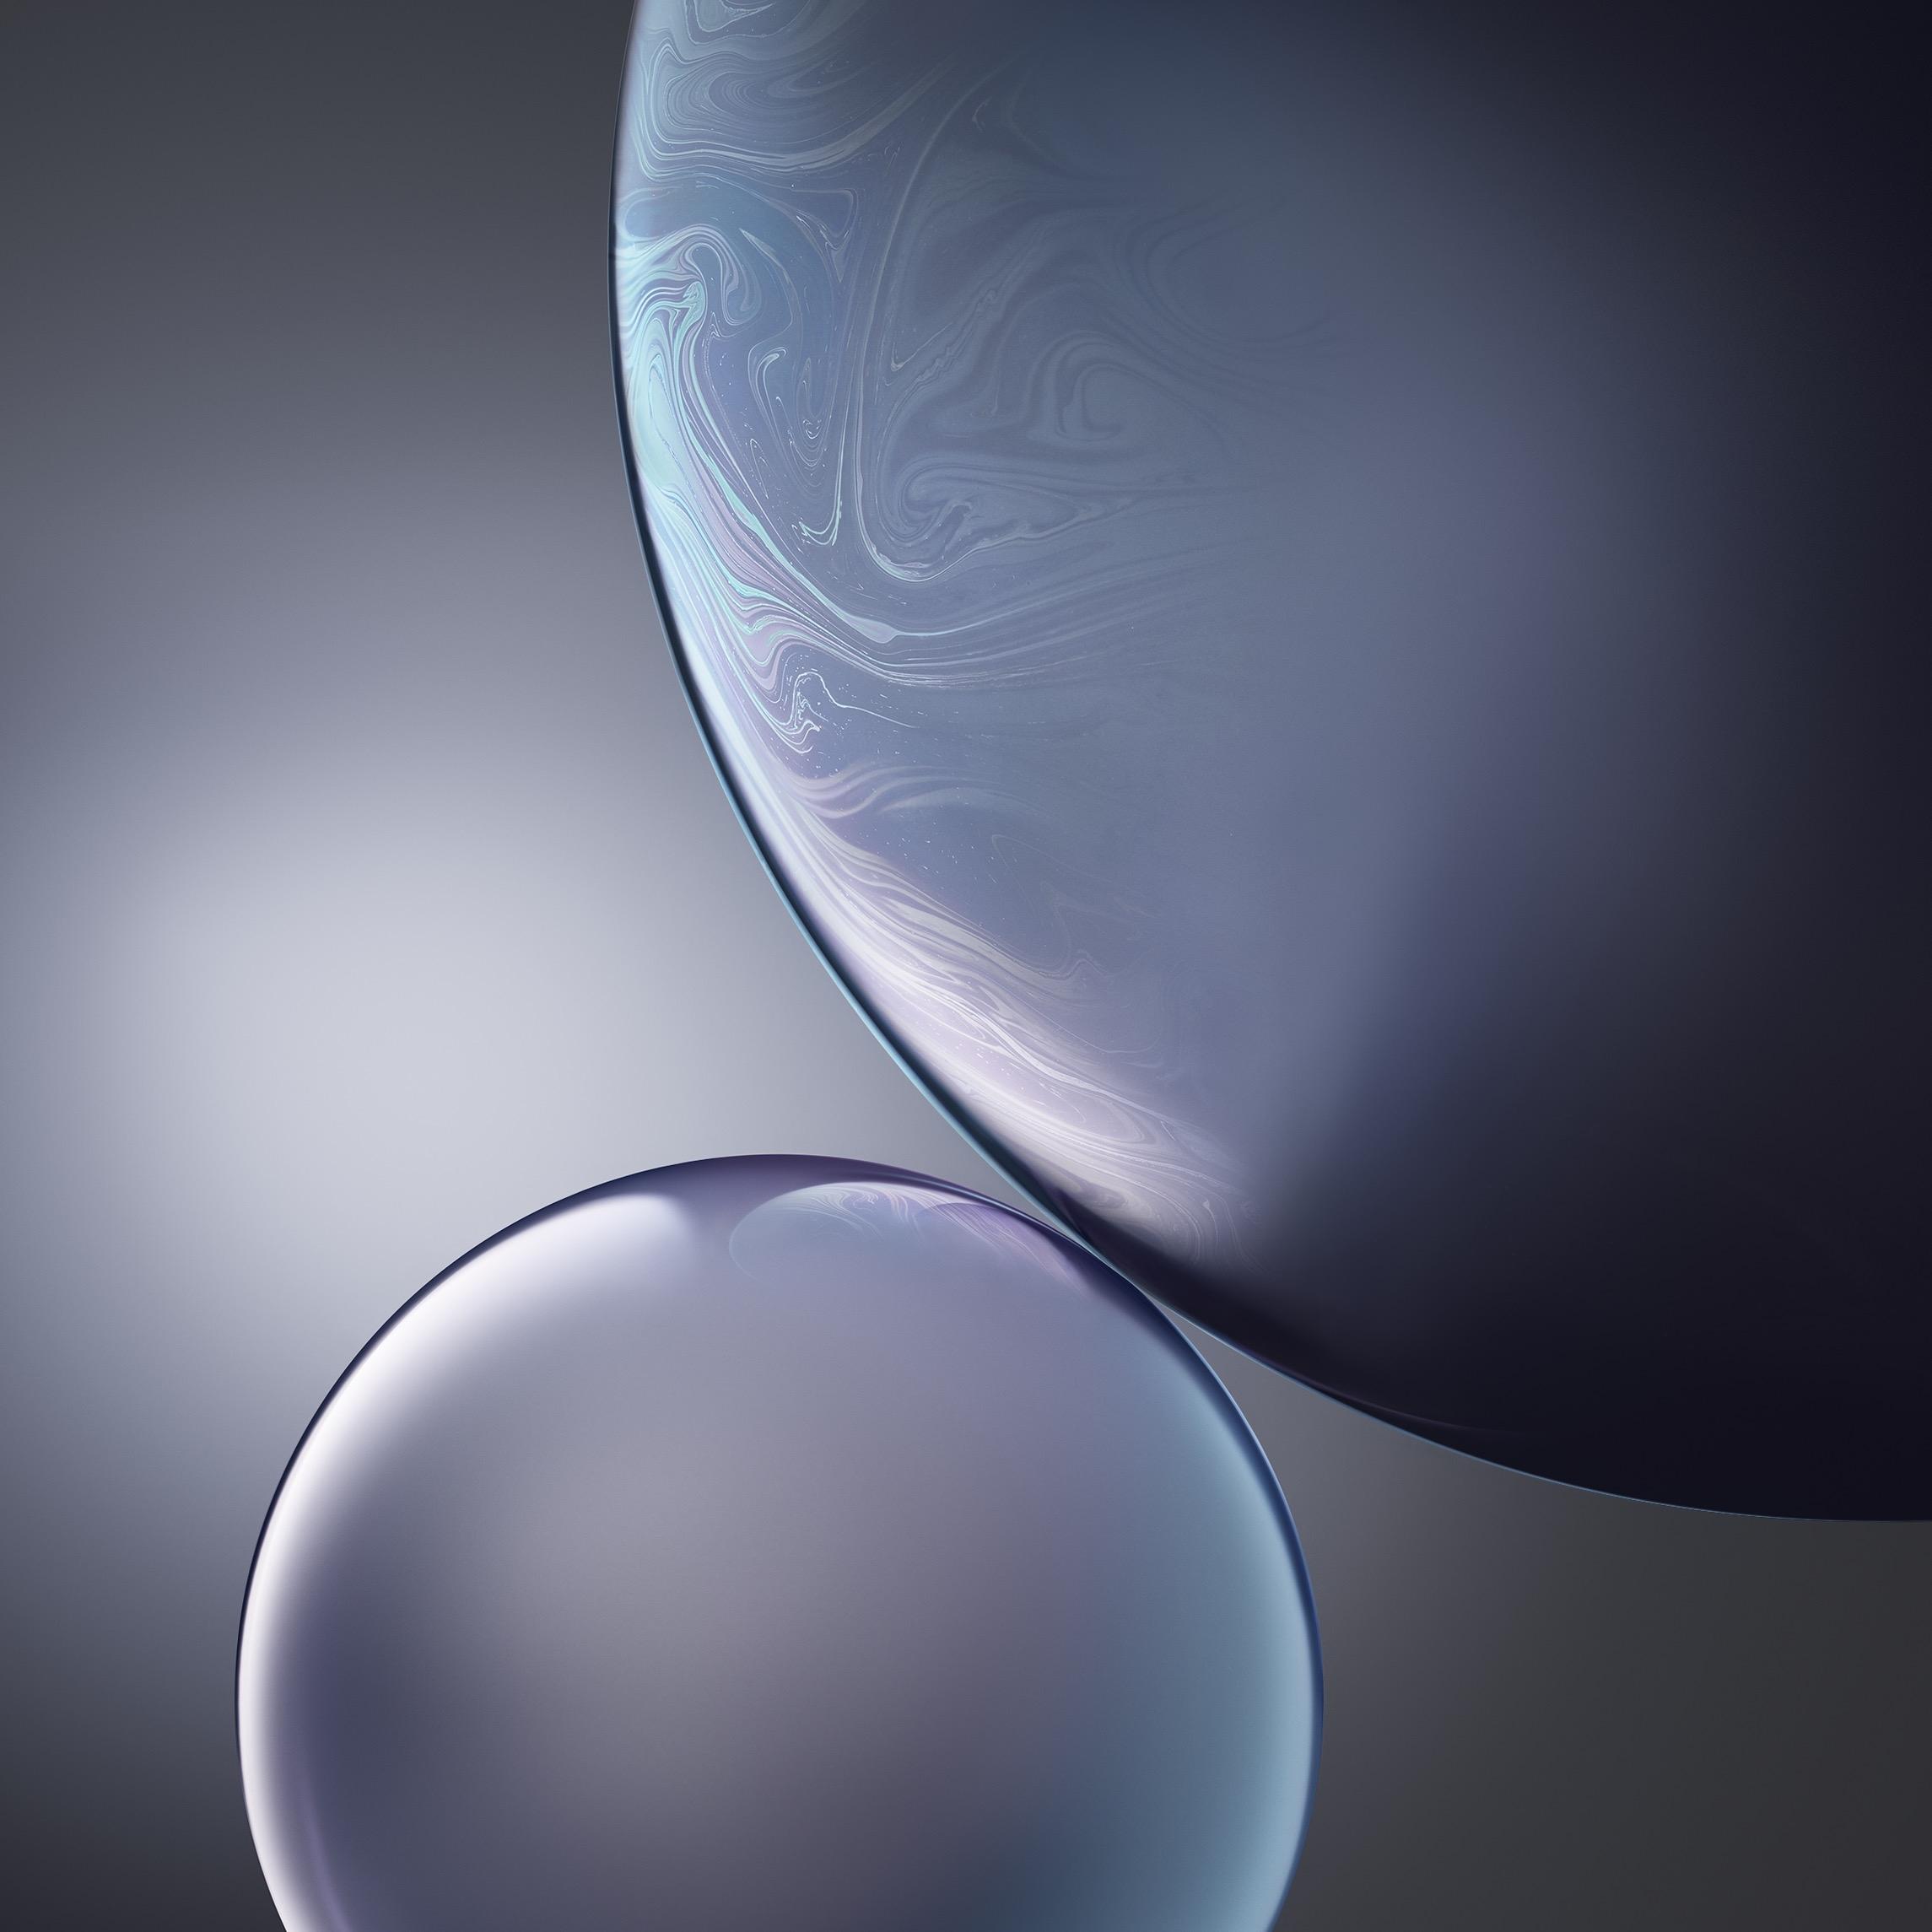 苹果iphone xr新壁纸下载:油光华亮色彩纷呈图片